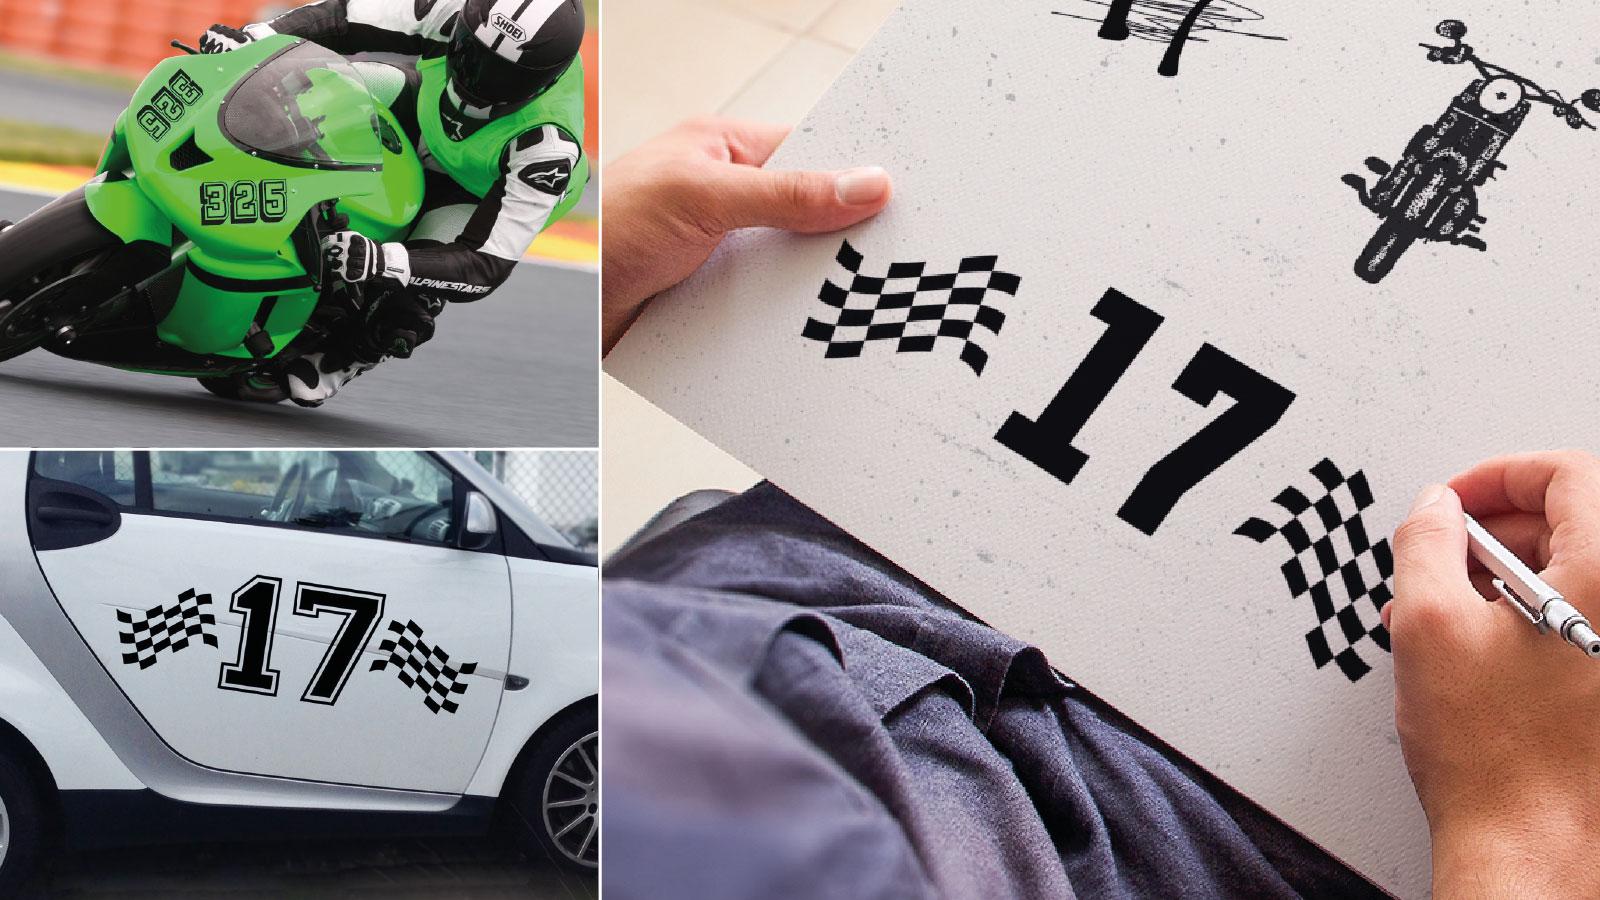 Motocross Zahlen für die Motocrossstrecke online im Shop gestalten